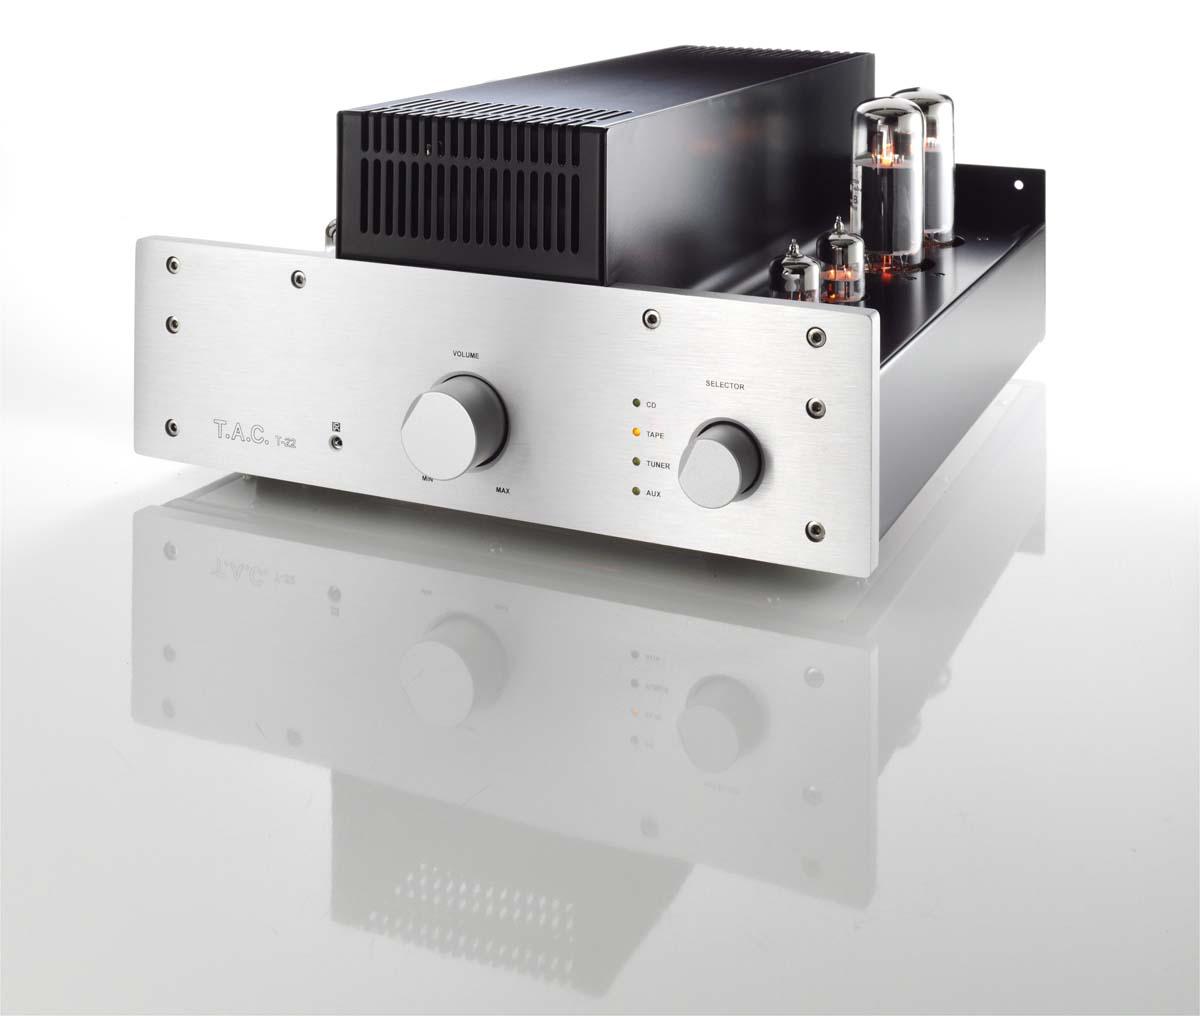 T.A.C. T 22 Tube Amplifier